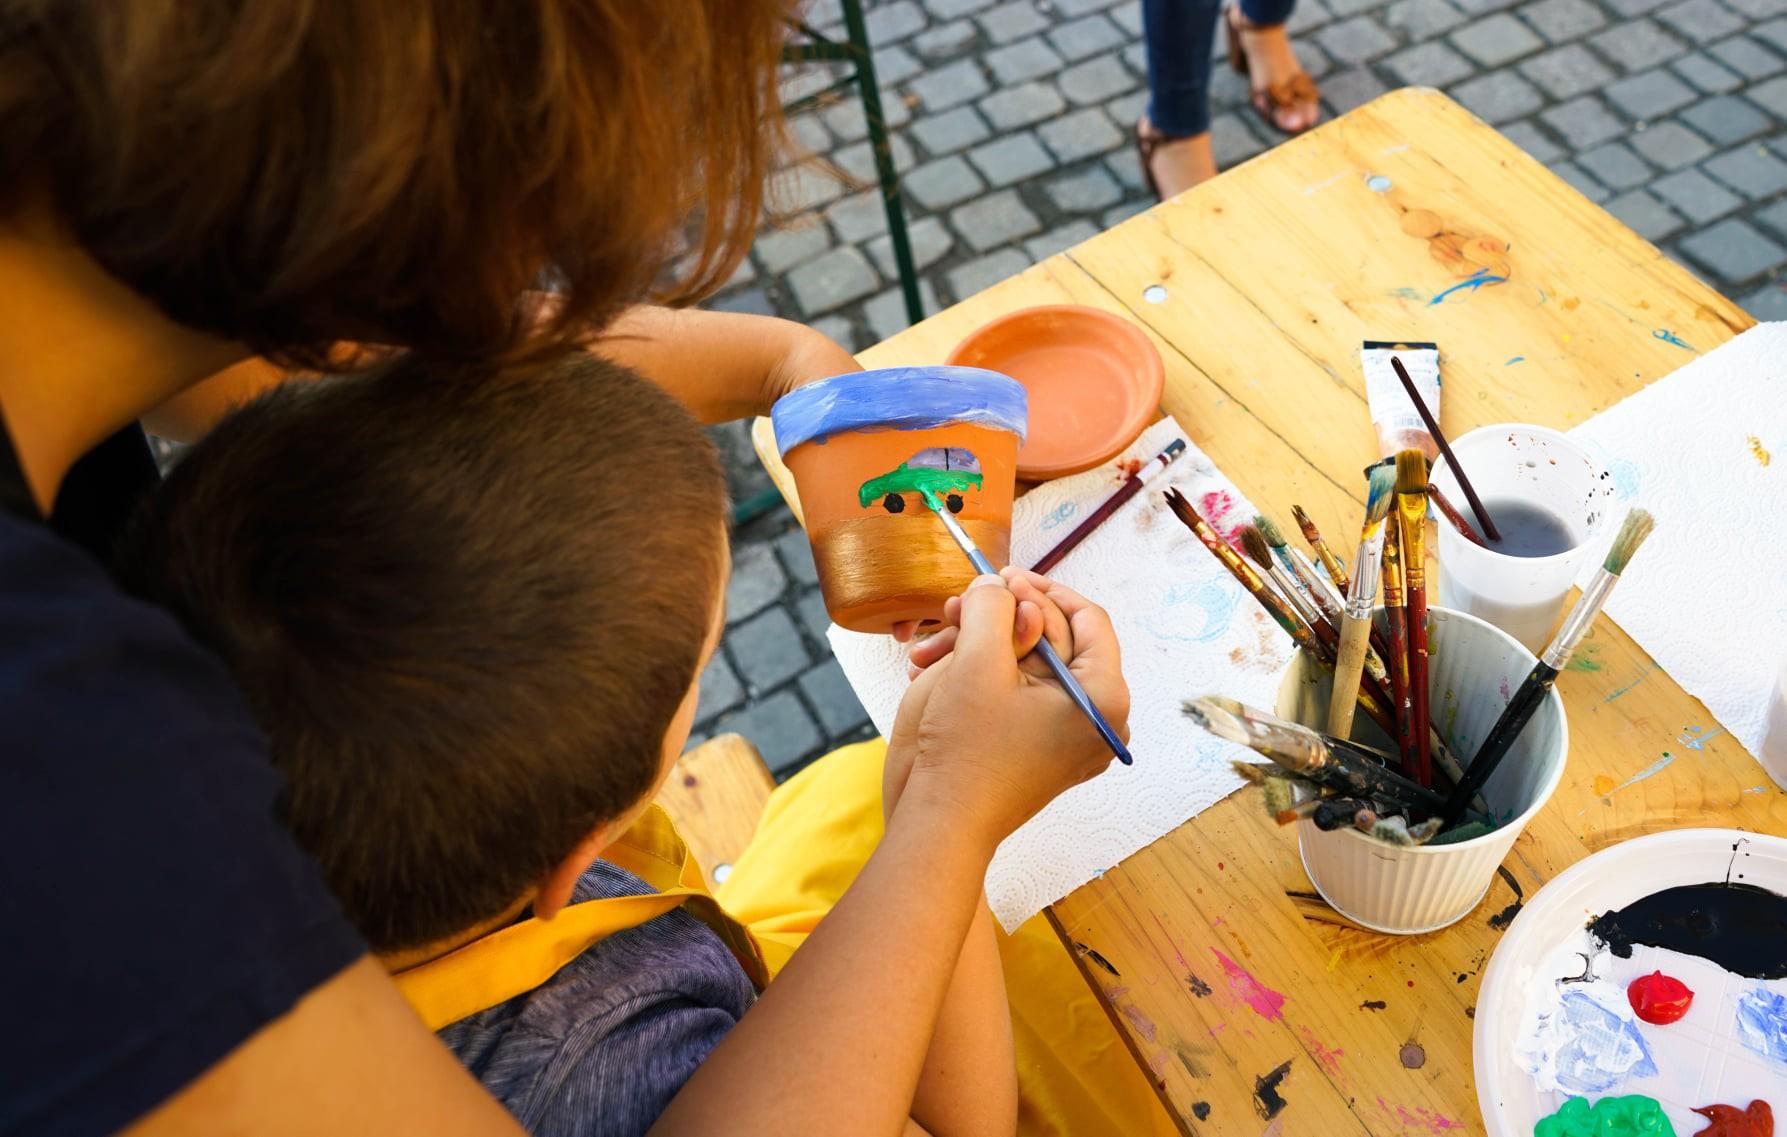 Orașul Artiștilor a revenit în Piața Mică